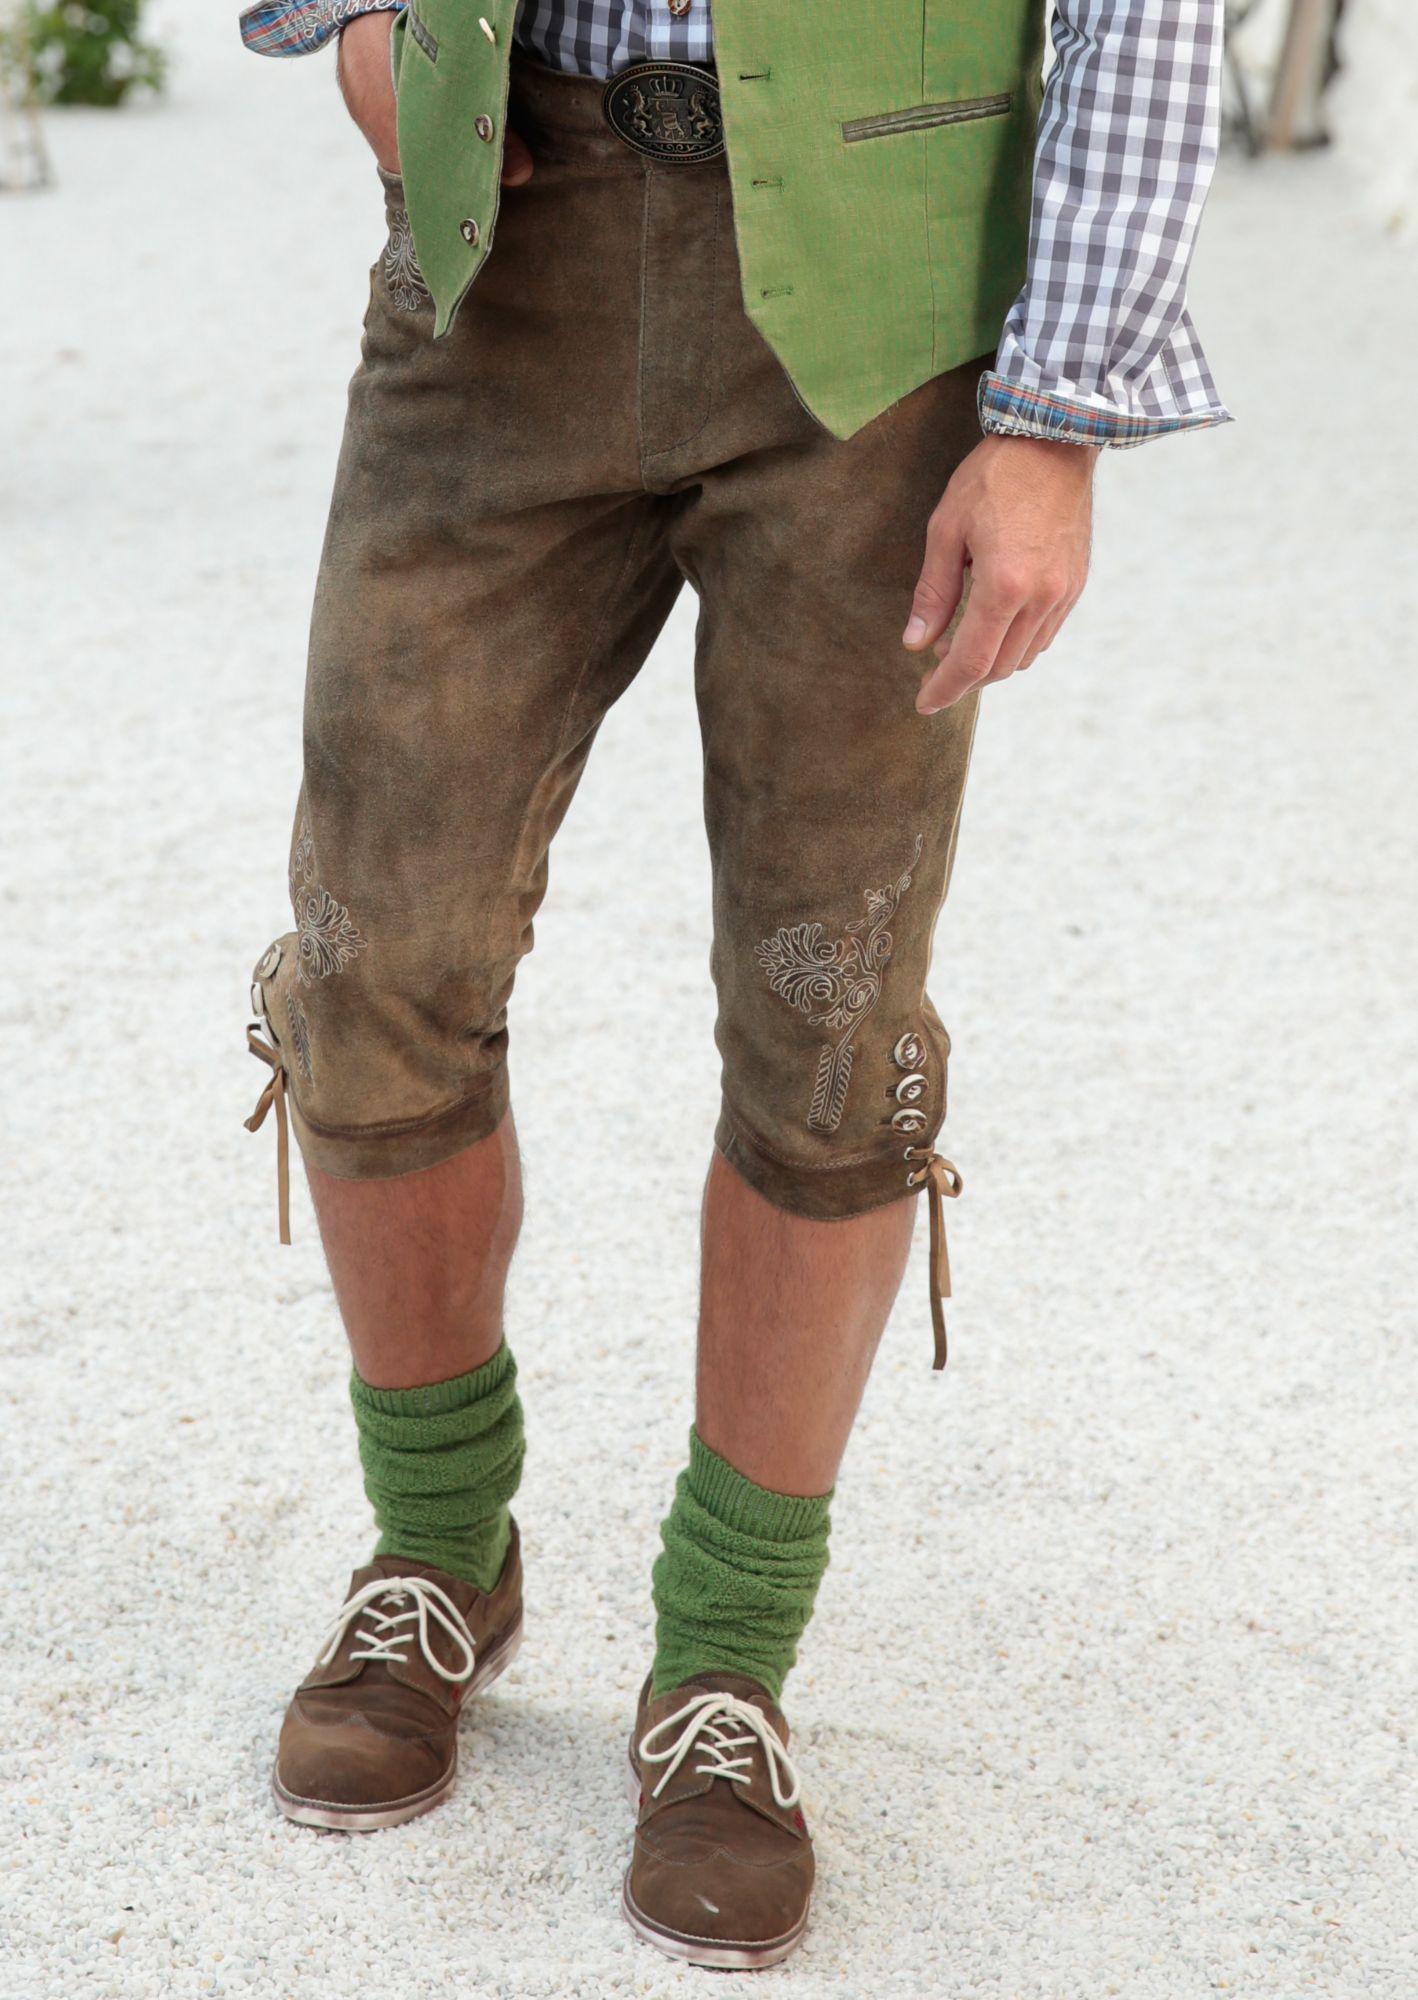 COUNTRY LINE Country Line Trachten-Lederhose 3/4 Herren im Kniebundstyle